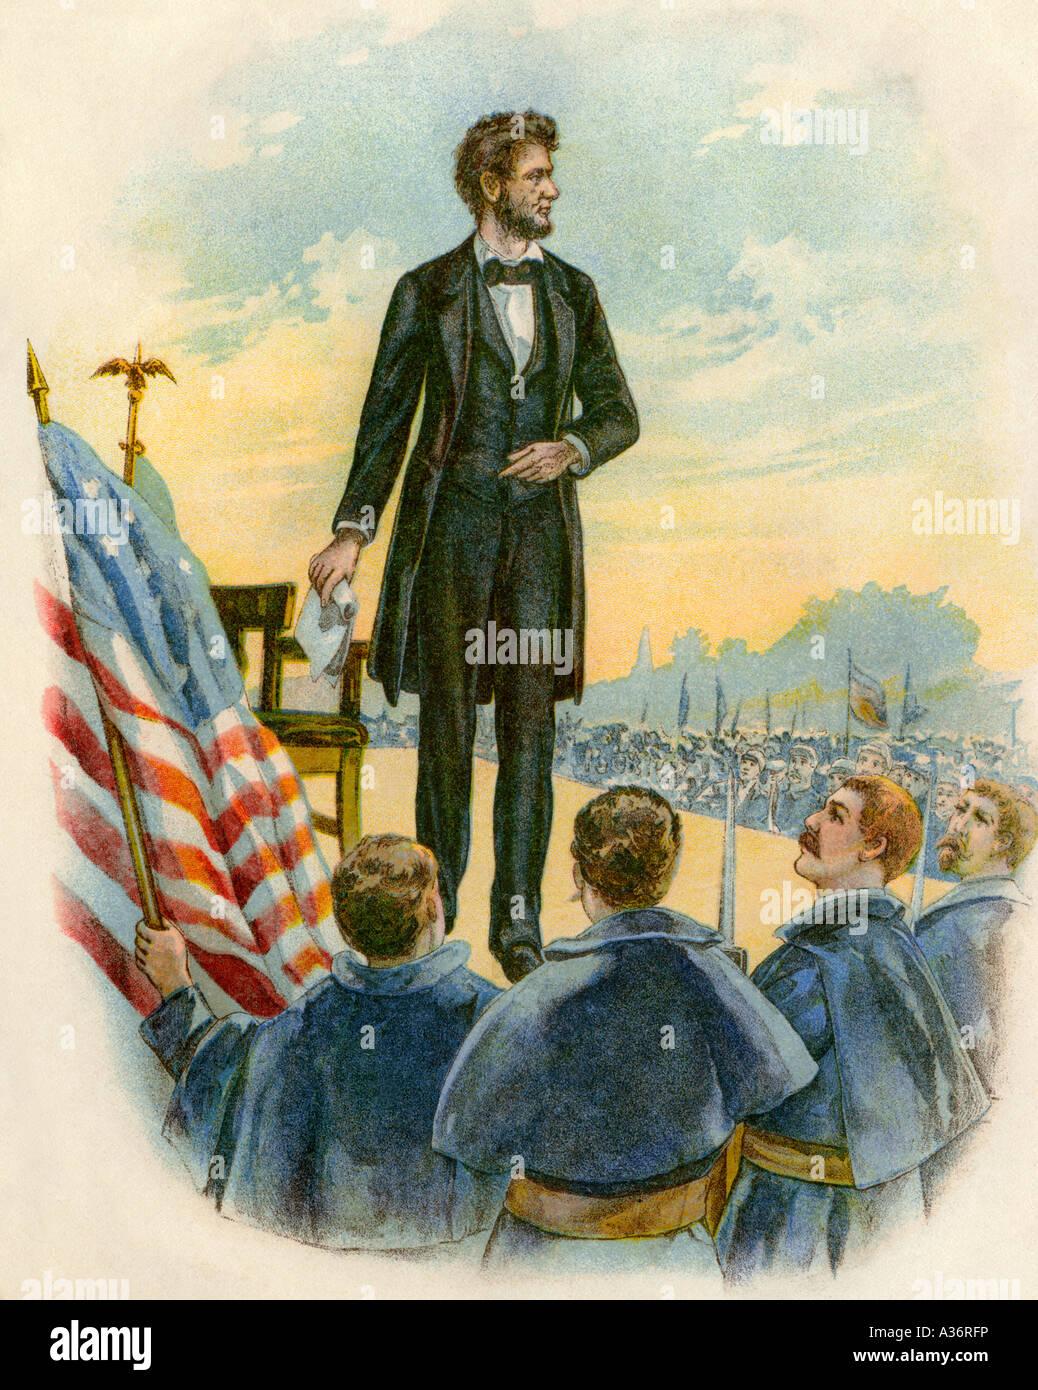 Il presidente Abraham Lincoln fornendo l'indirizzo di Gettysburg sul campo di battaglia durante la Guerra Civile Foto Stock